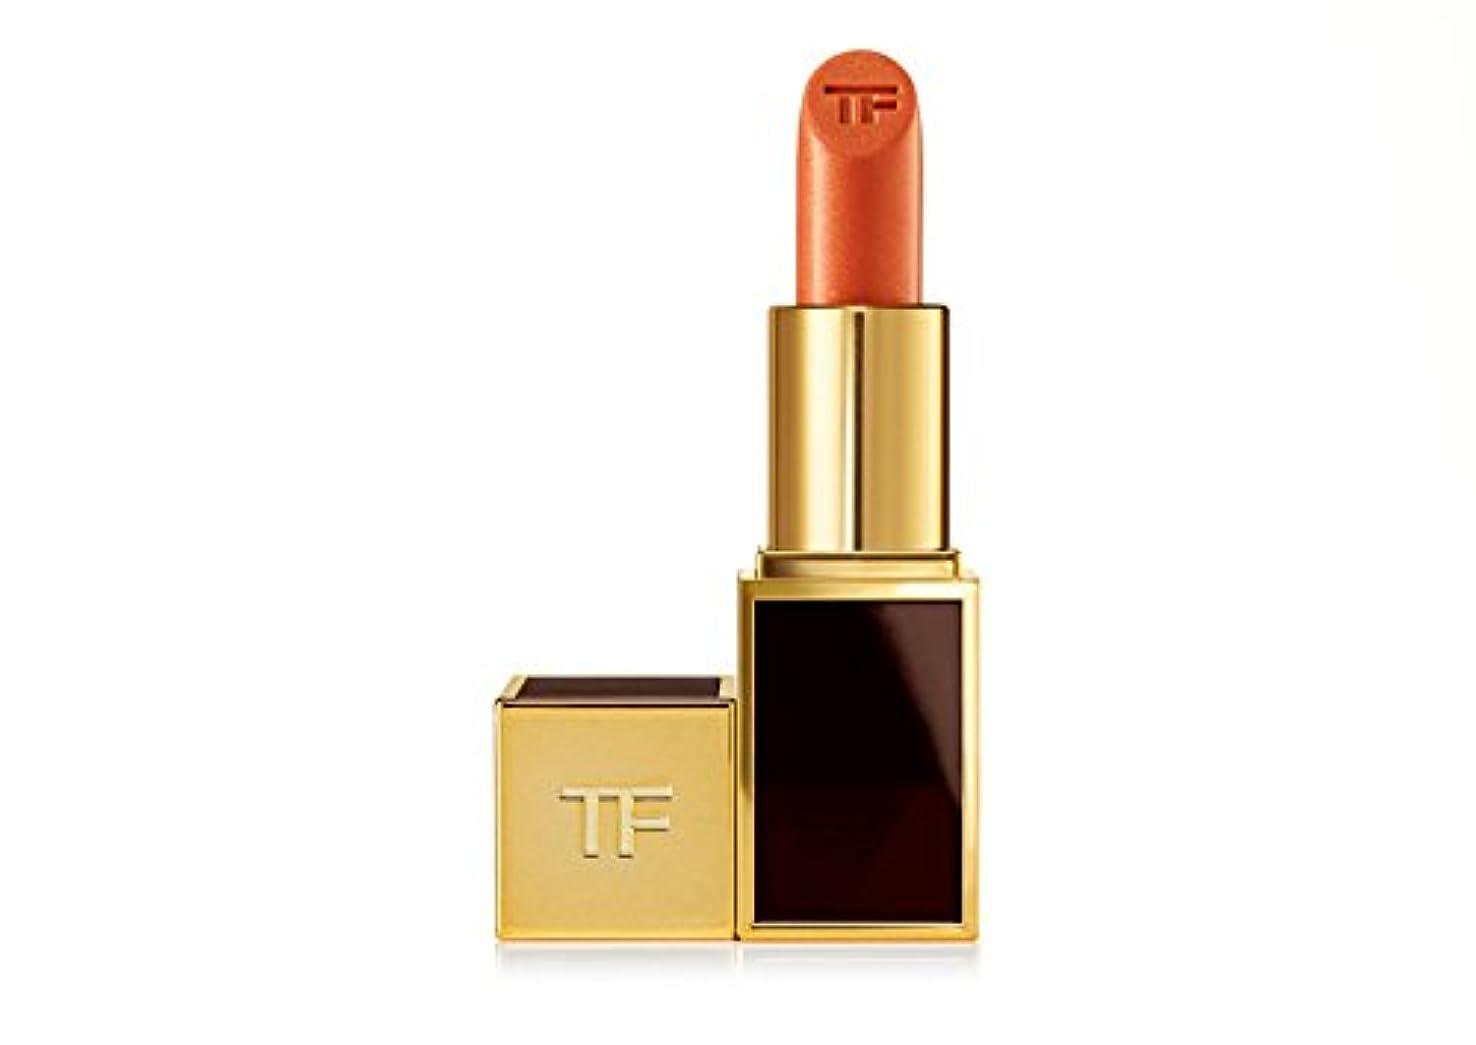 彼らのシーボードアノイトムフォード リップス アンド ボーイズ 7 コーラル リップカラー 口紅 Tom Ford Lipstick 7 CORALS Lip Color Lips and Boys (#64 Hiro ヒロ) [並行輸入品]